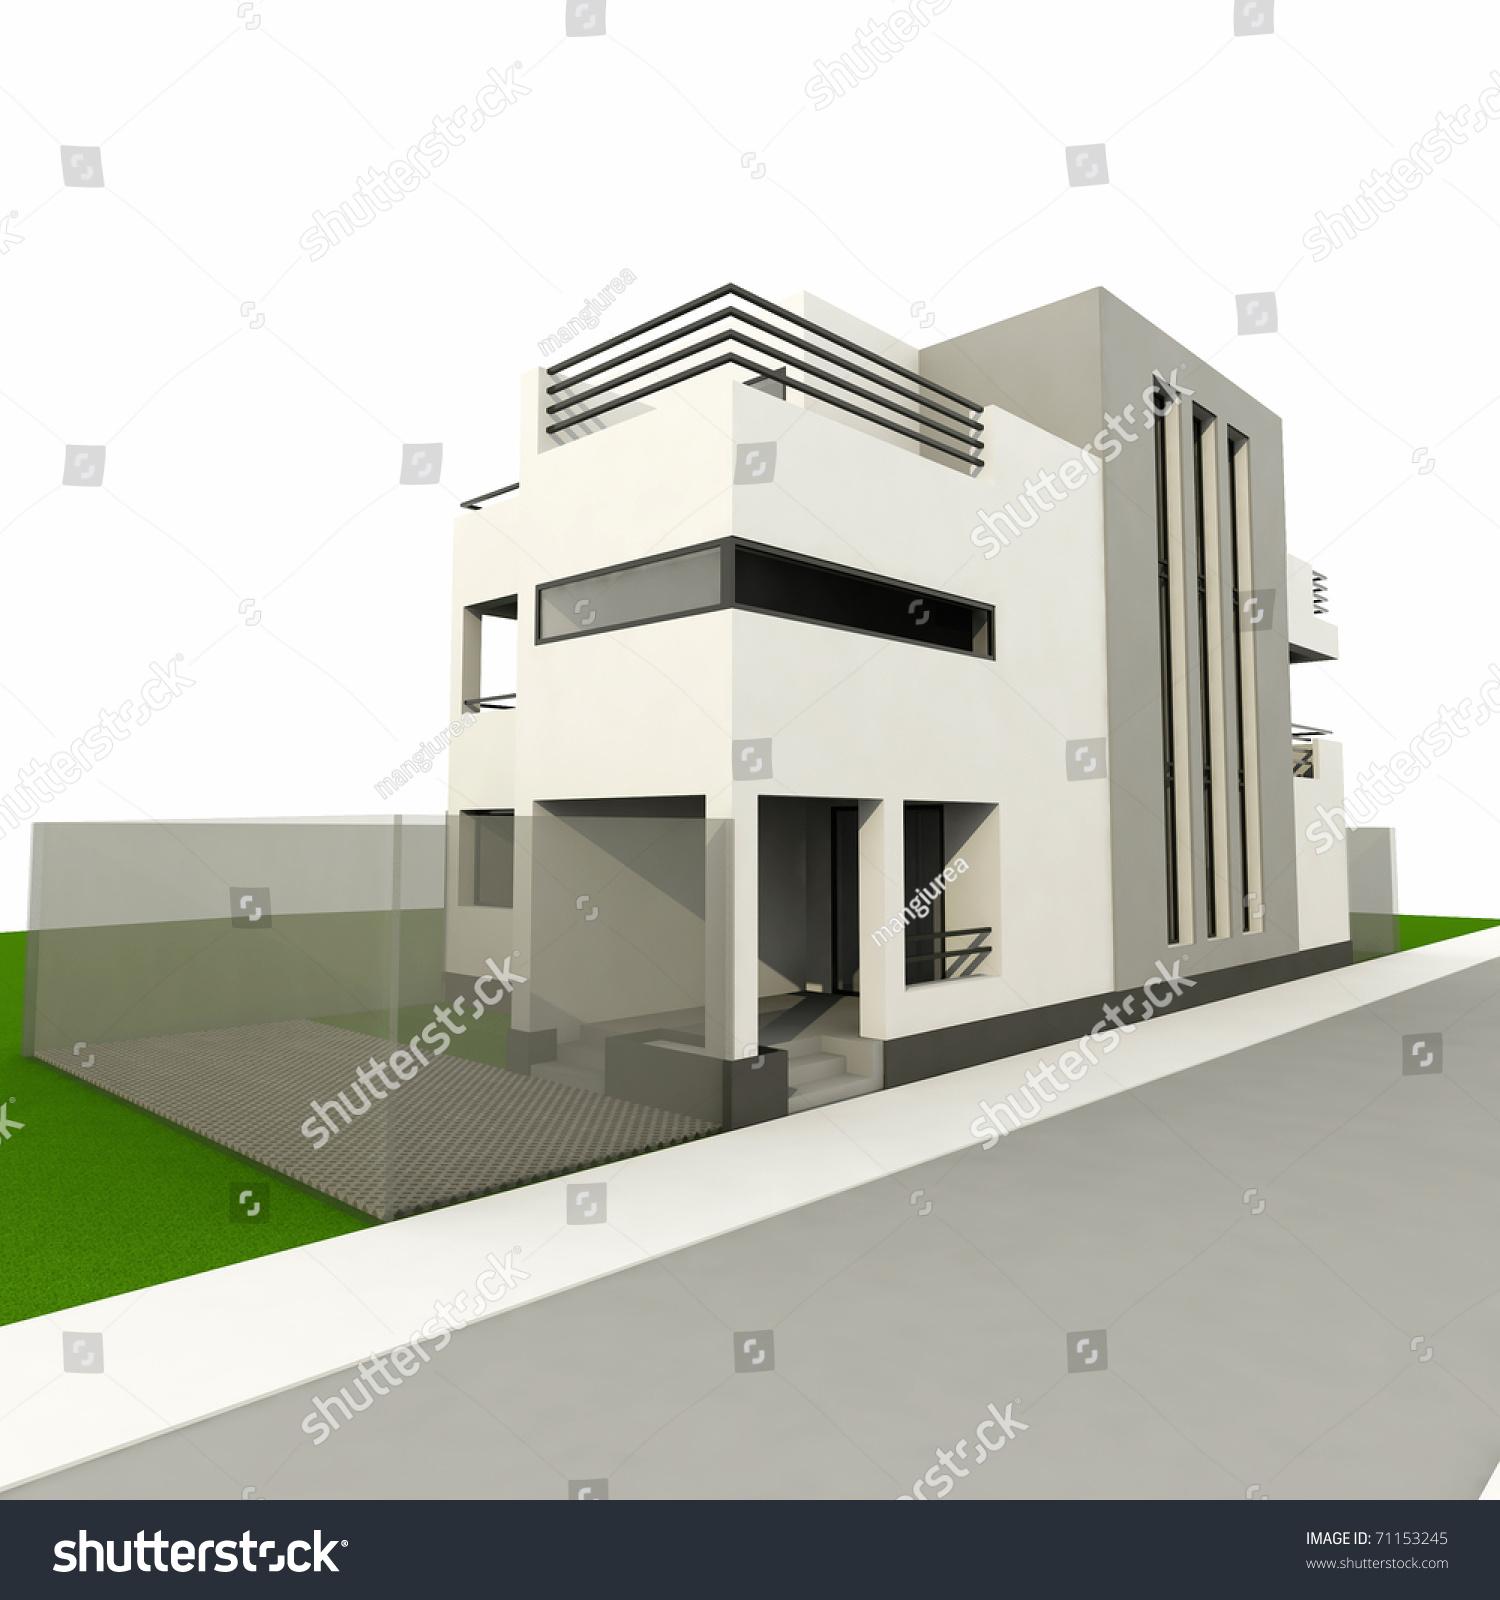 3d Modern House ender 3ds Max Stock Illustration 71153245 ... - ^